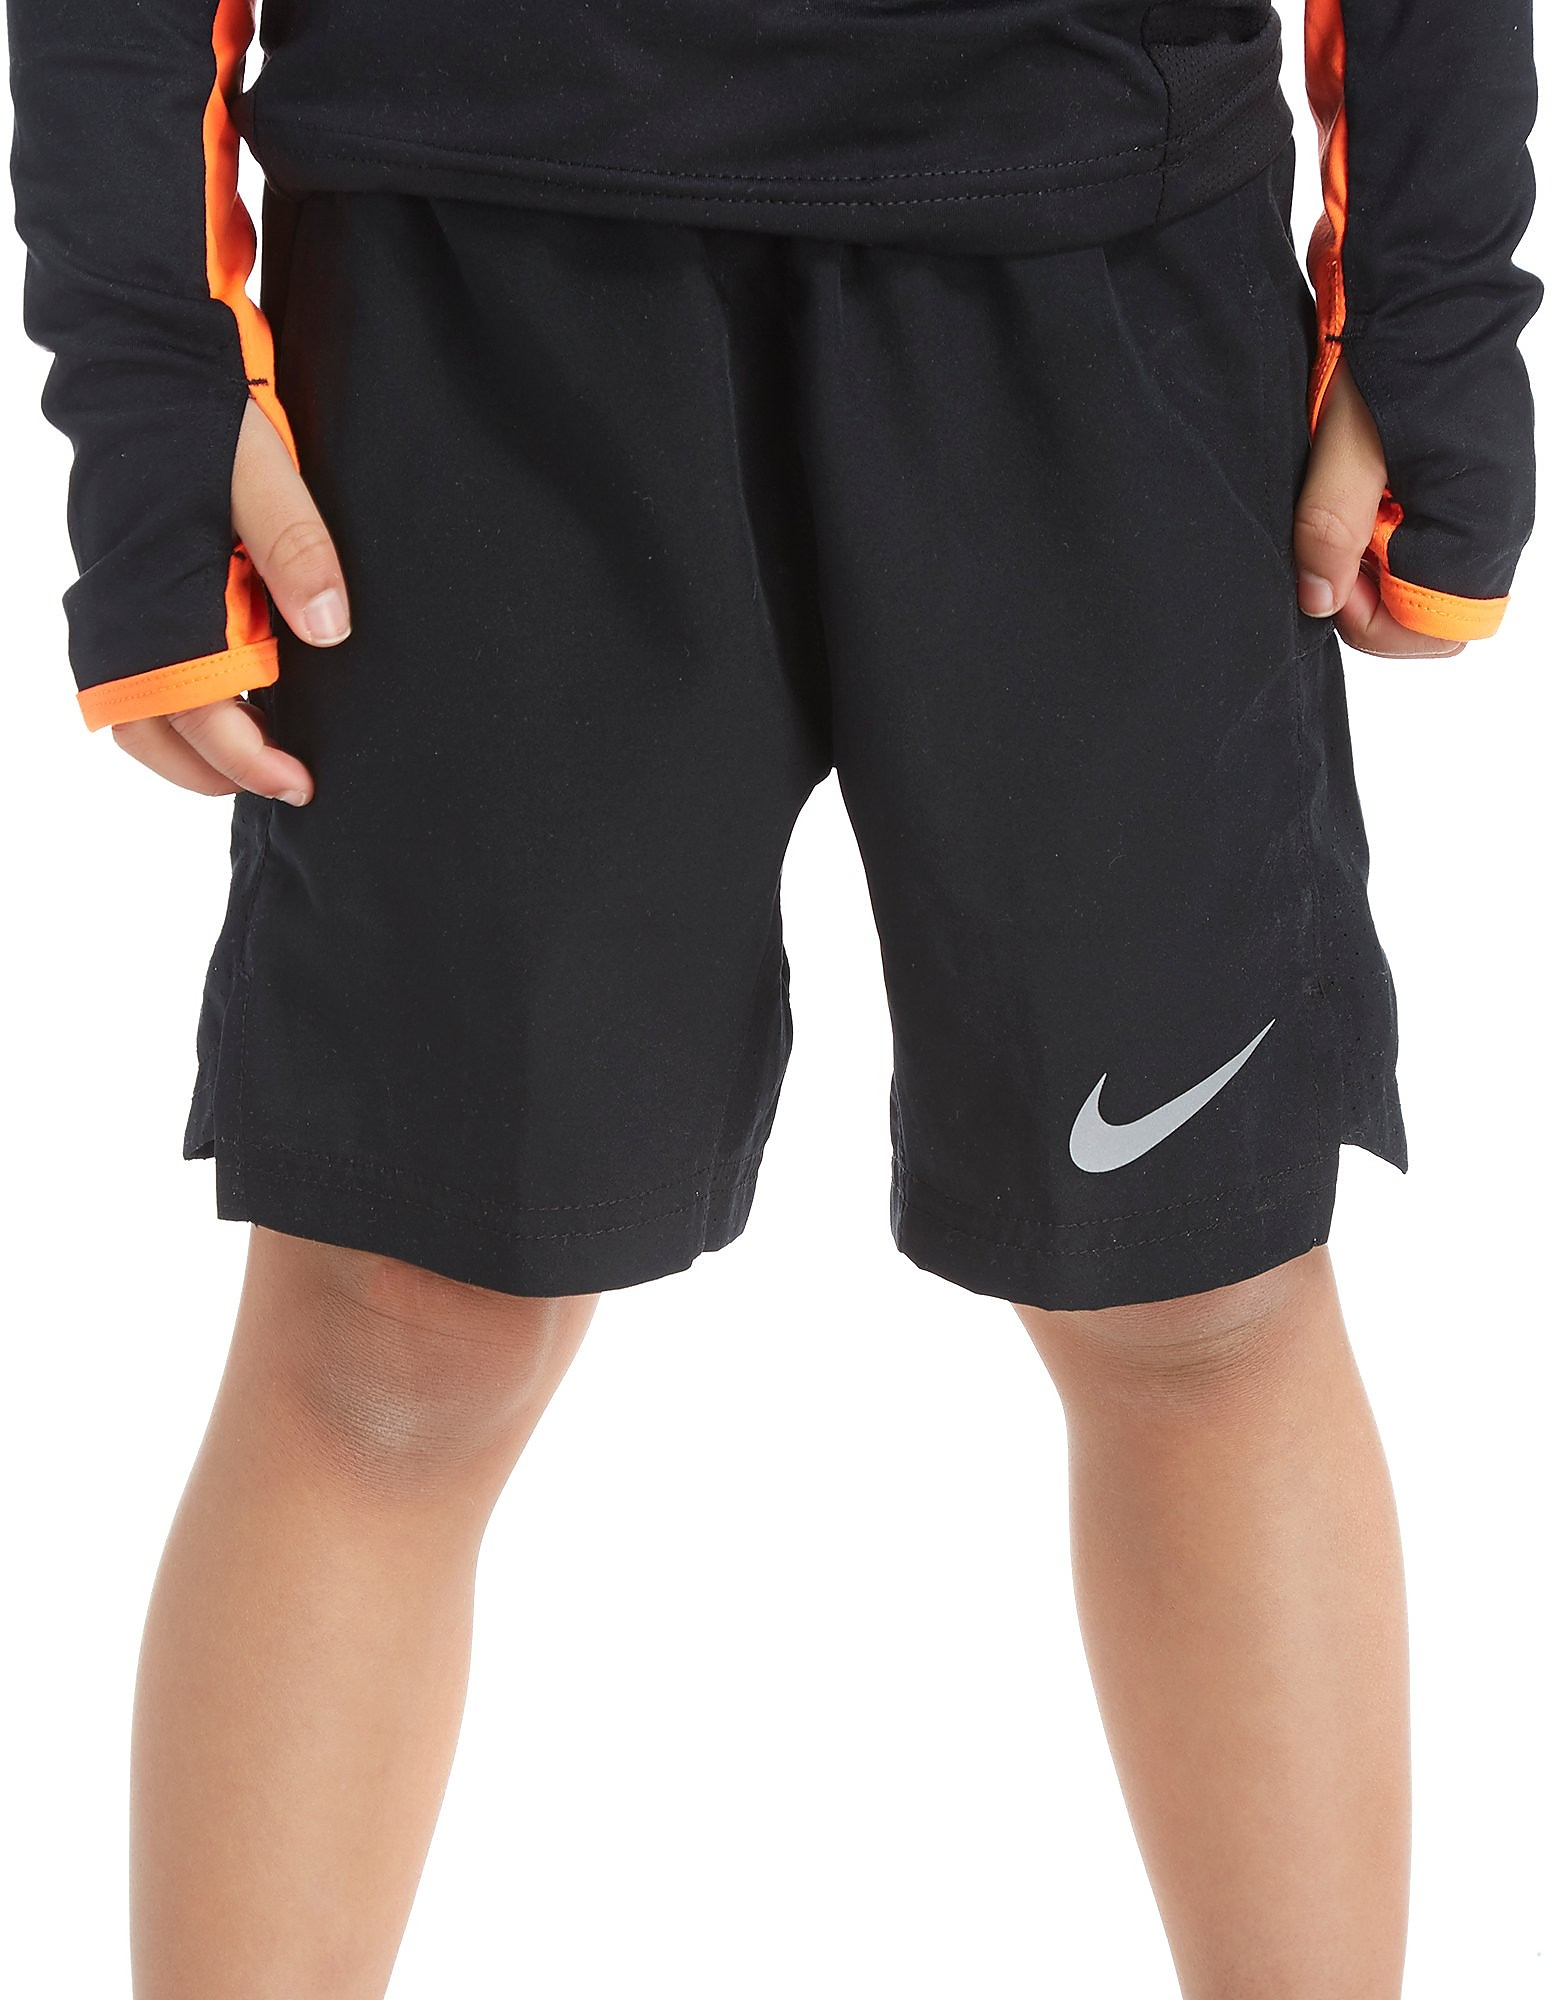 Nike Woven Running Shorts Bambino